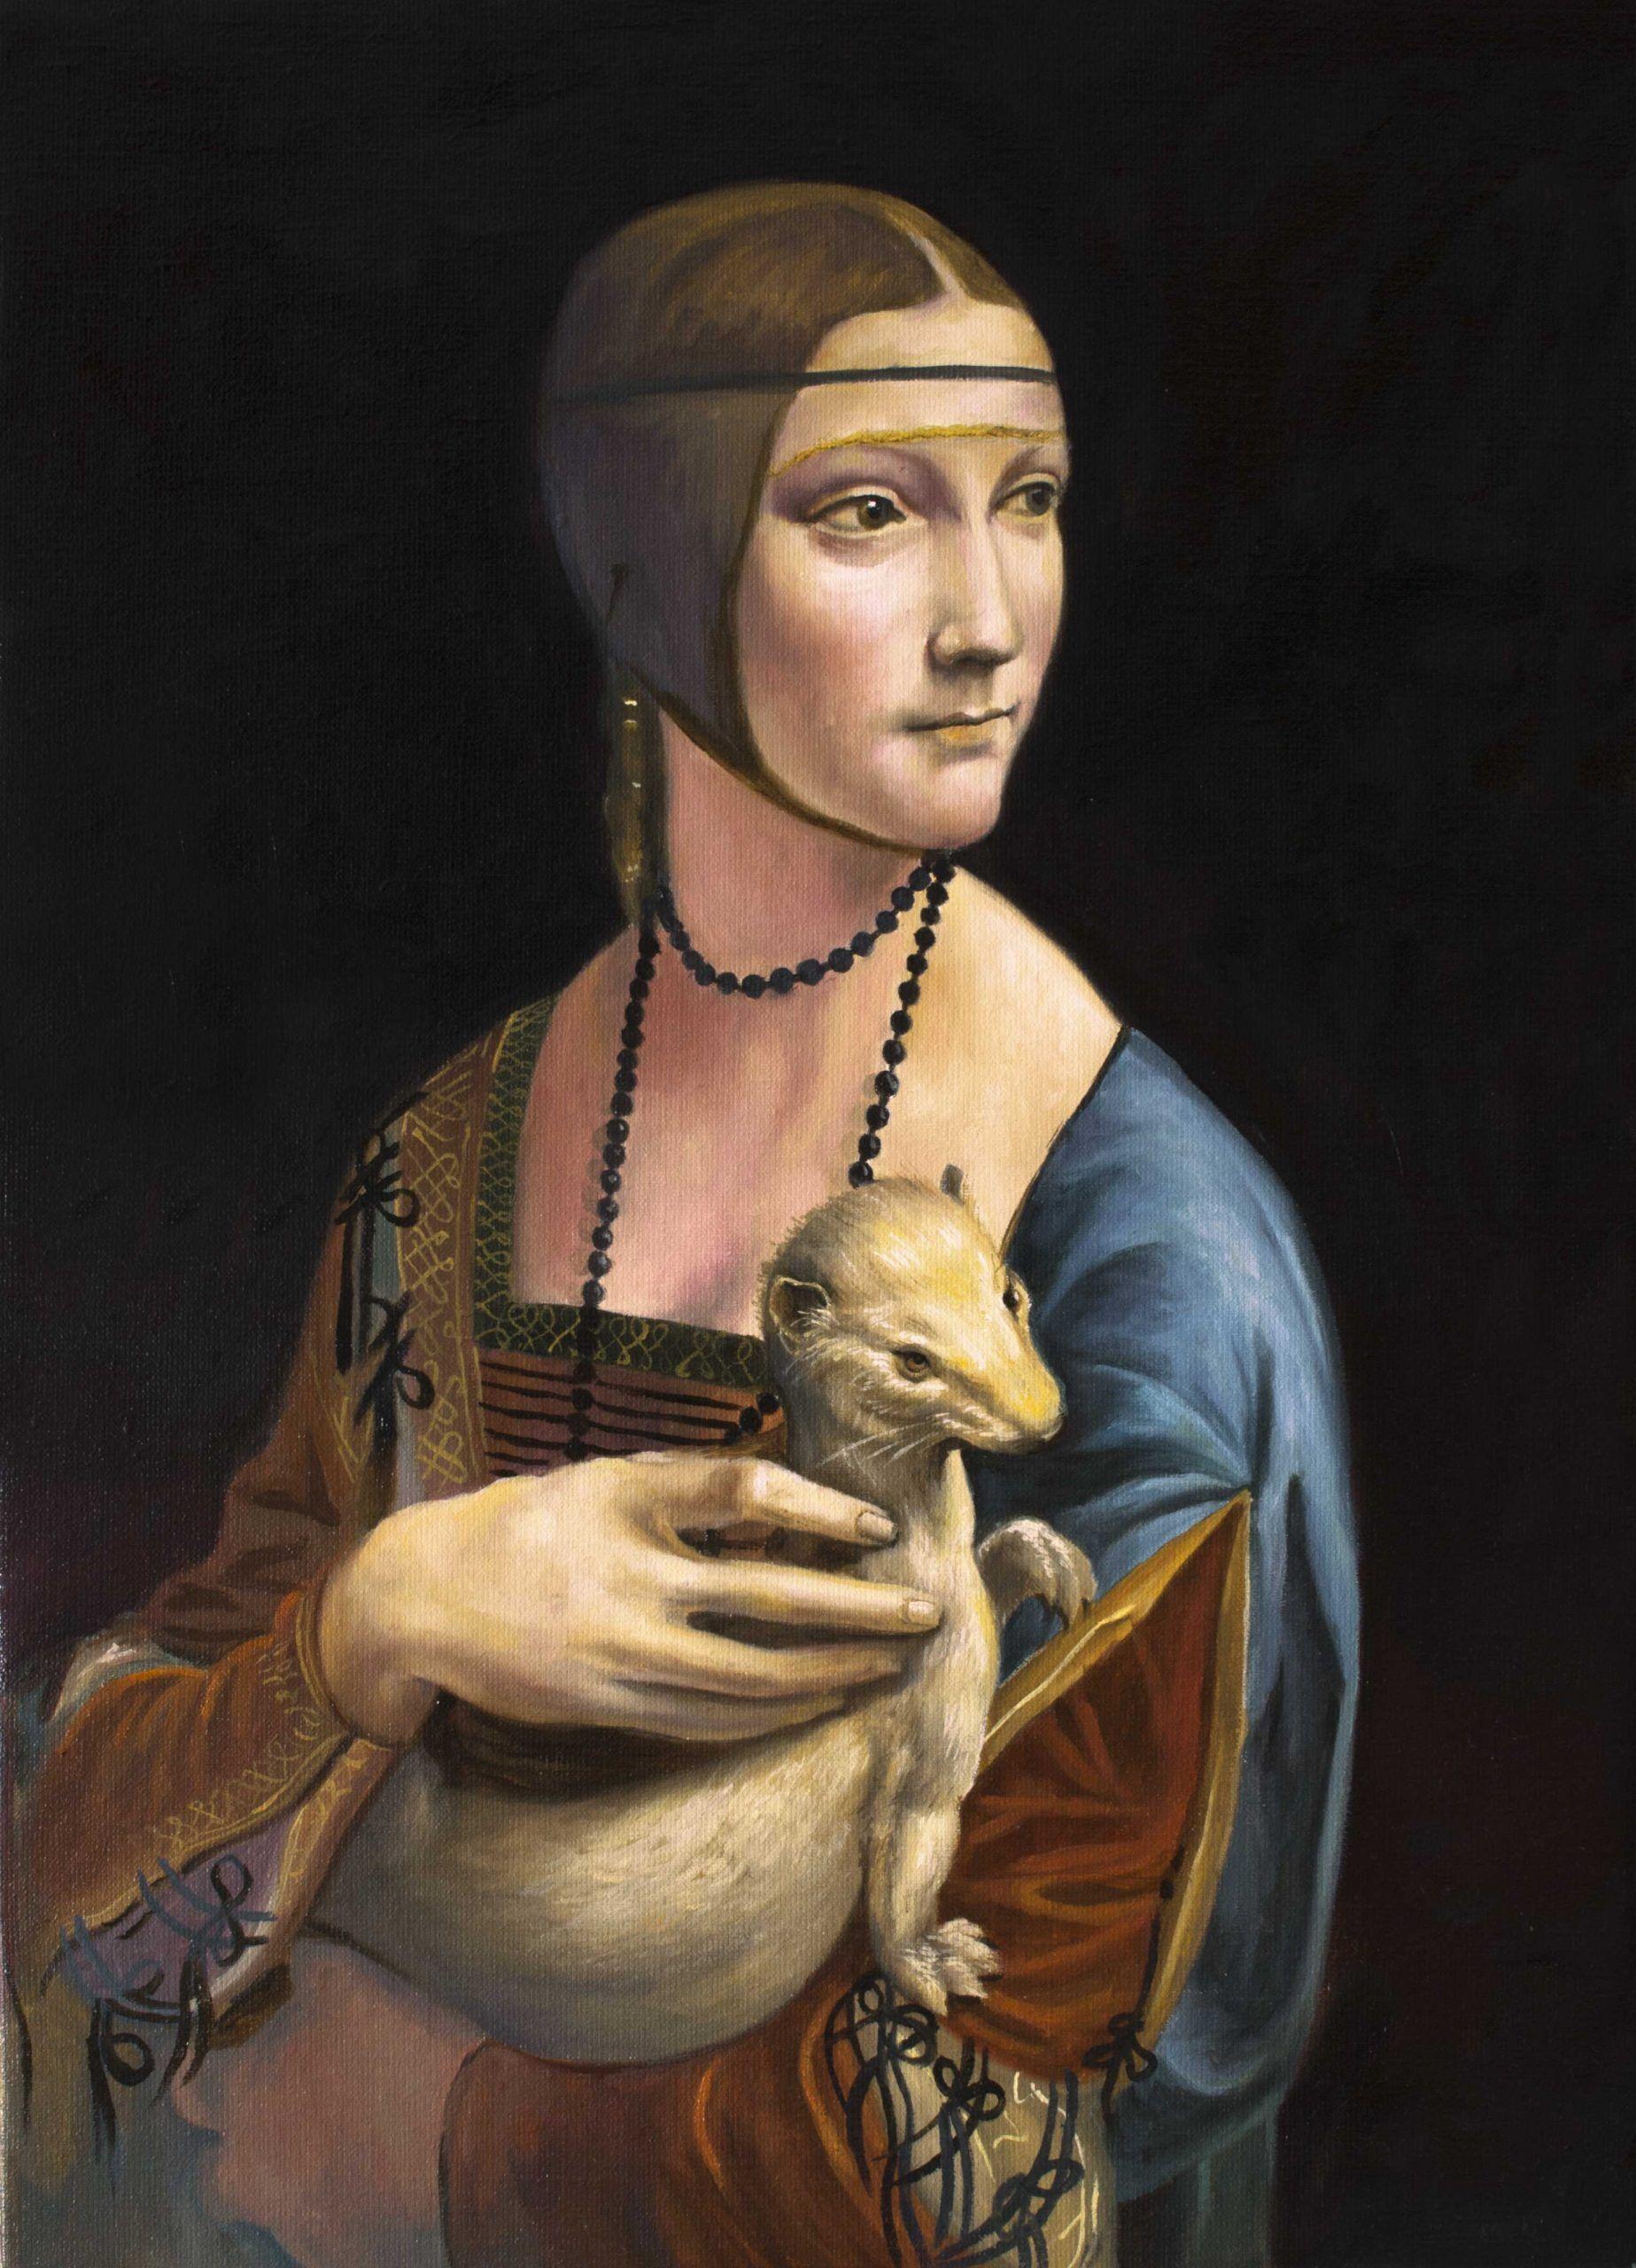 cuadros al óleo - La dama del armiño, reproducción